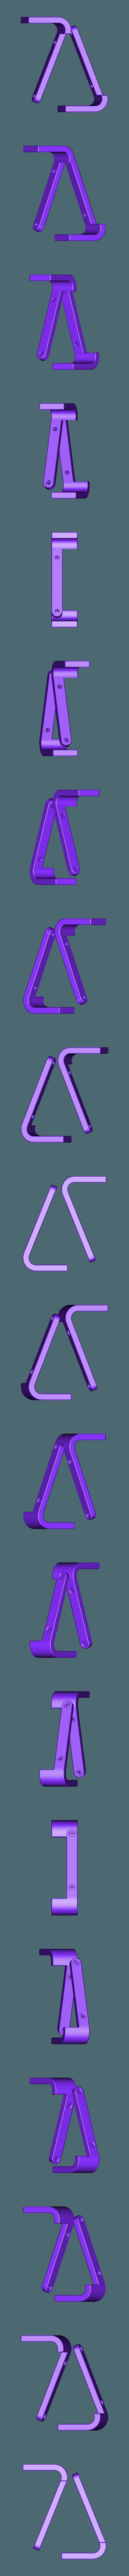 RTS-LEGS.STL Télécharger fichier STL gratuit Raspberry Pi Étui officiel pour écran tactile Raspberry Pi • Modèle pour imprimante 3D, mkellsy